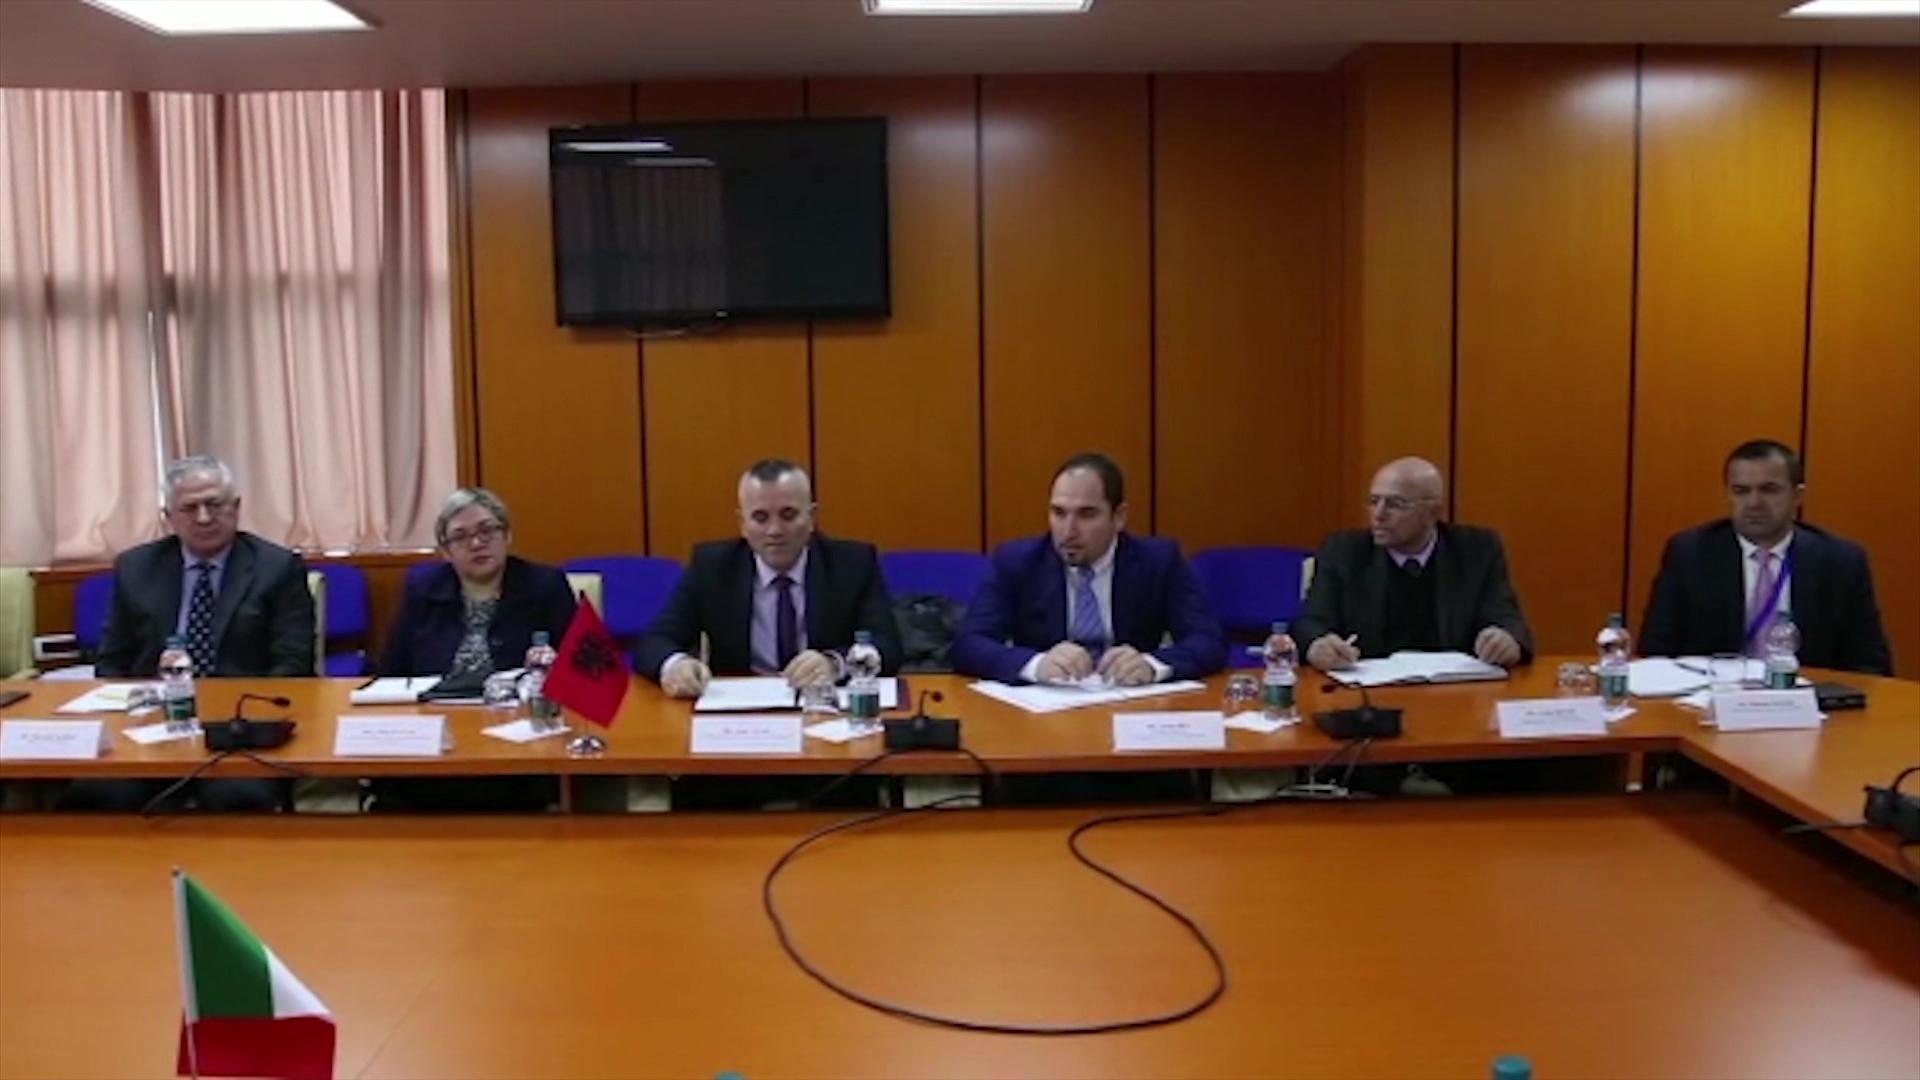 Kreu i Policisë Shqiptare takon delegacionin e Guardia di Financa